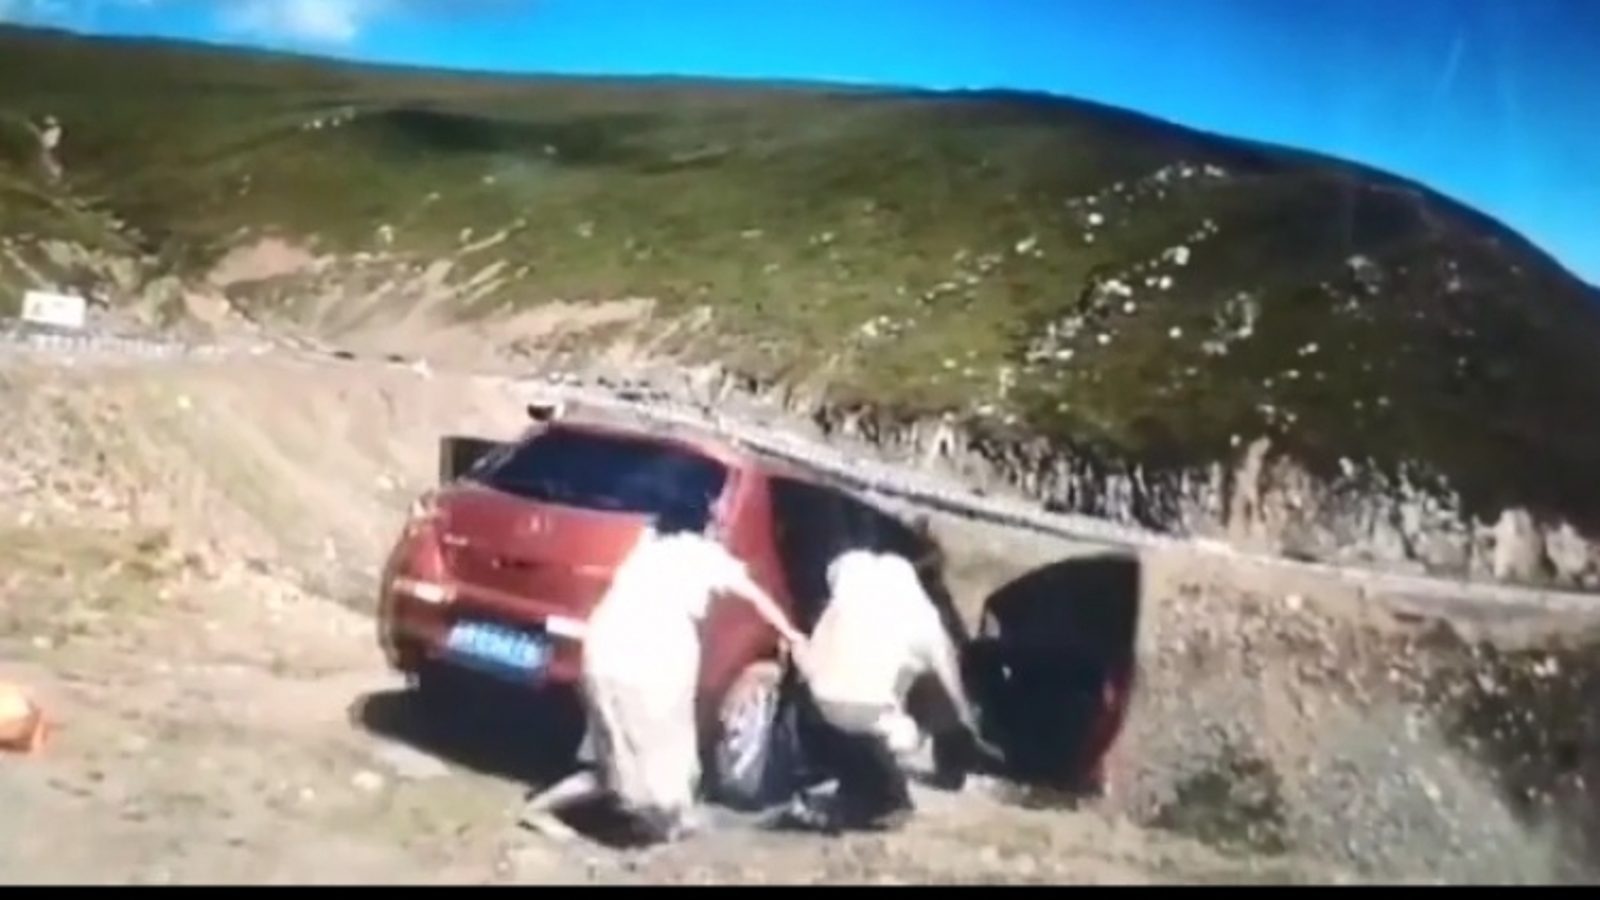 Hú hồn cảnh ô tô bất ngờ trôi xuống vách núi, người ngồi trong xe nhào vội ra ngoài